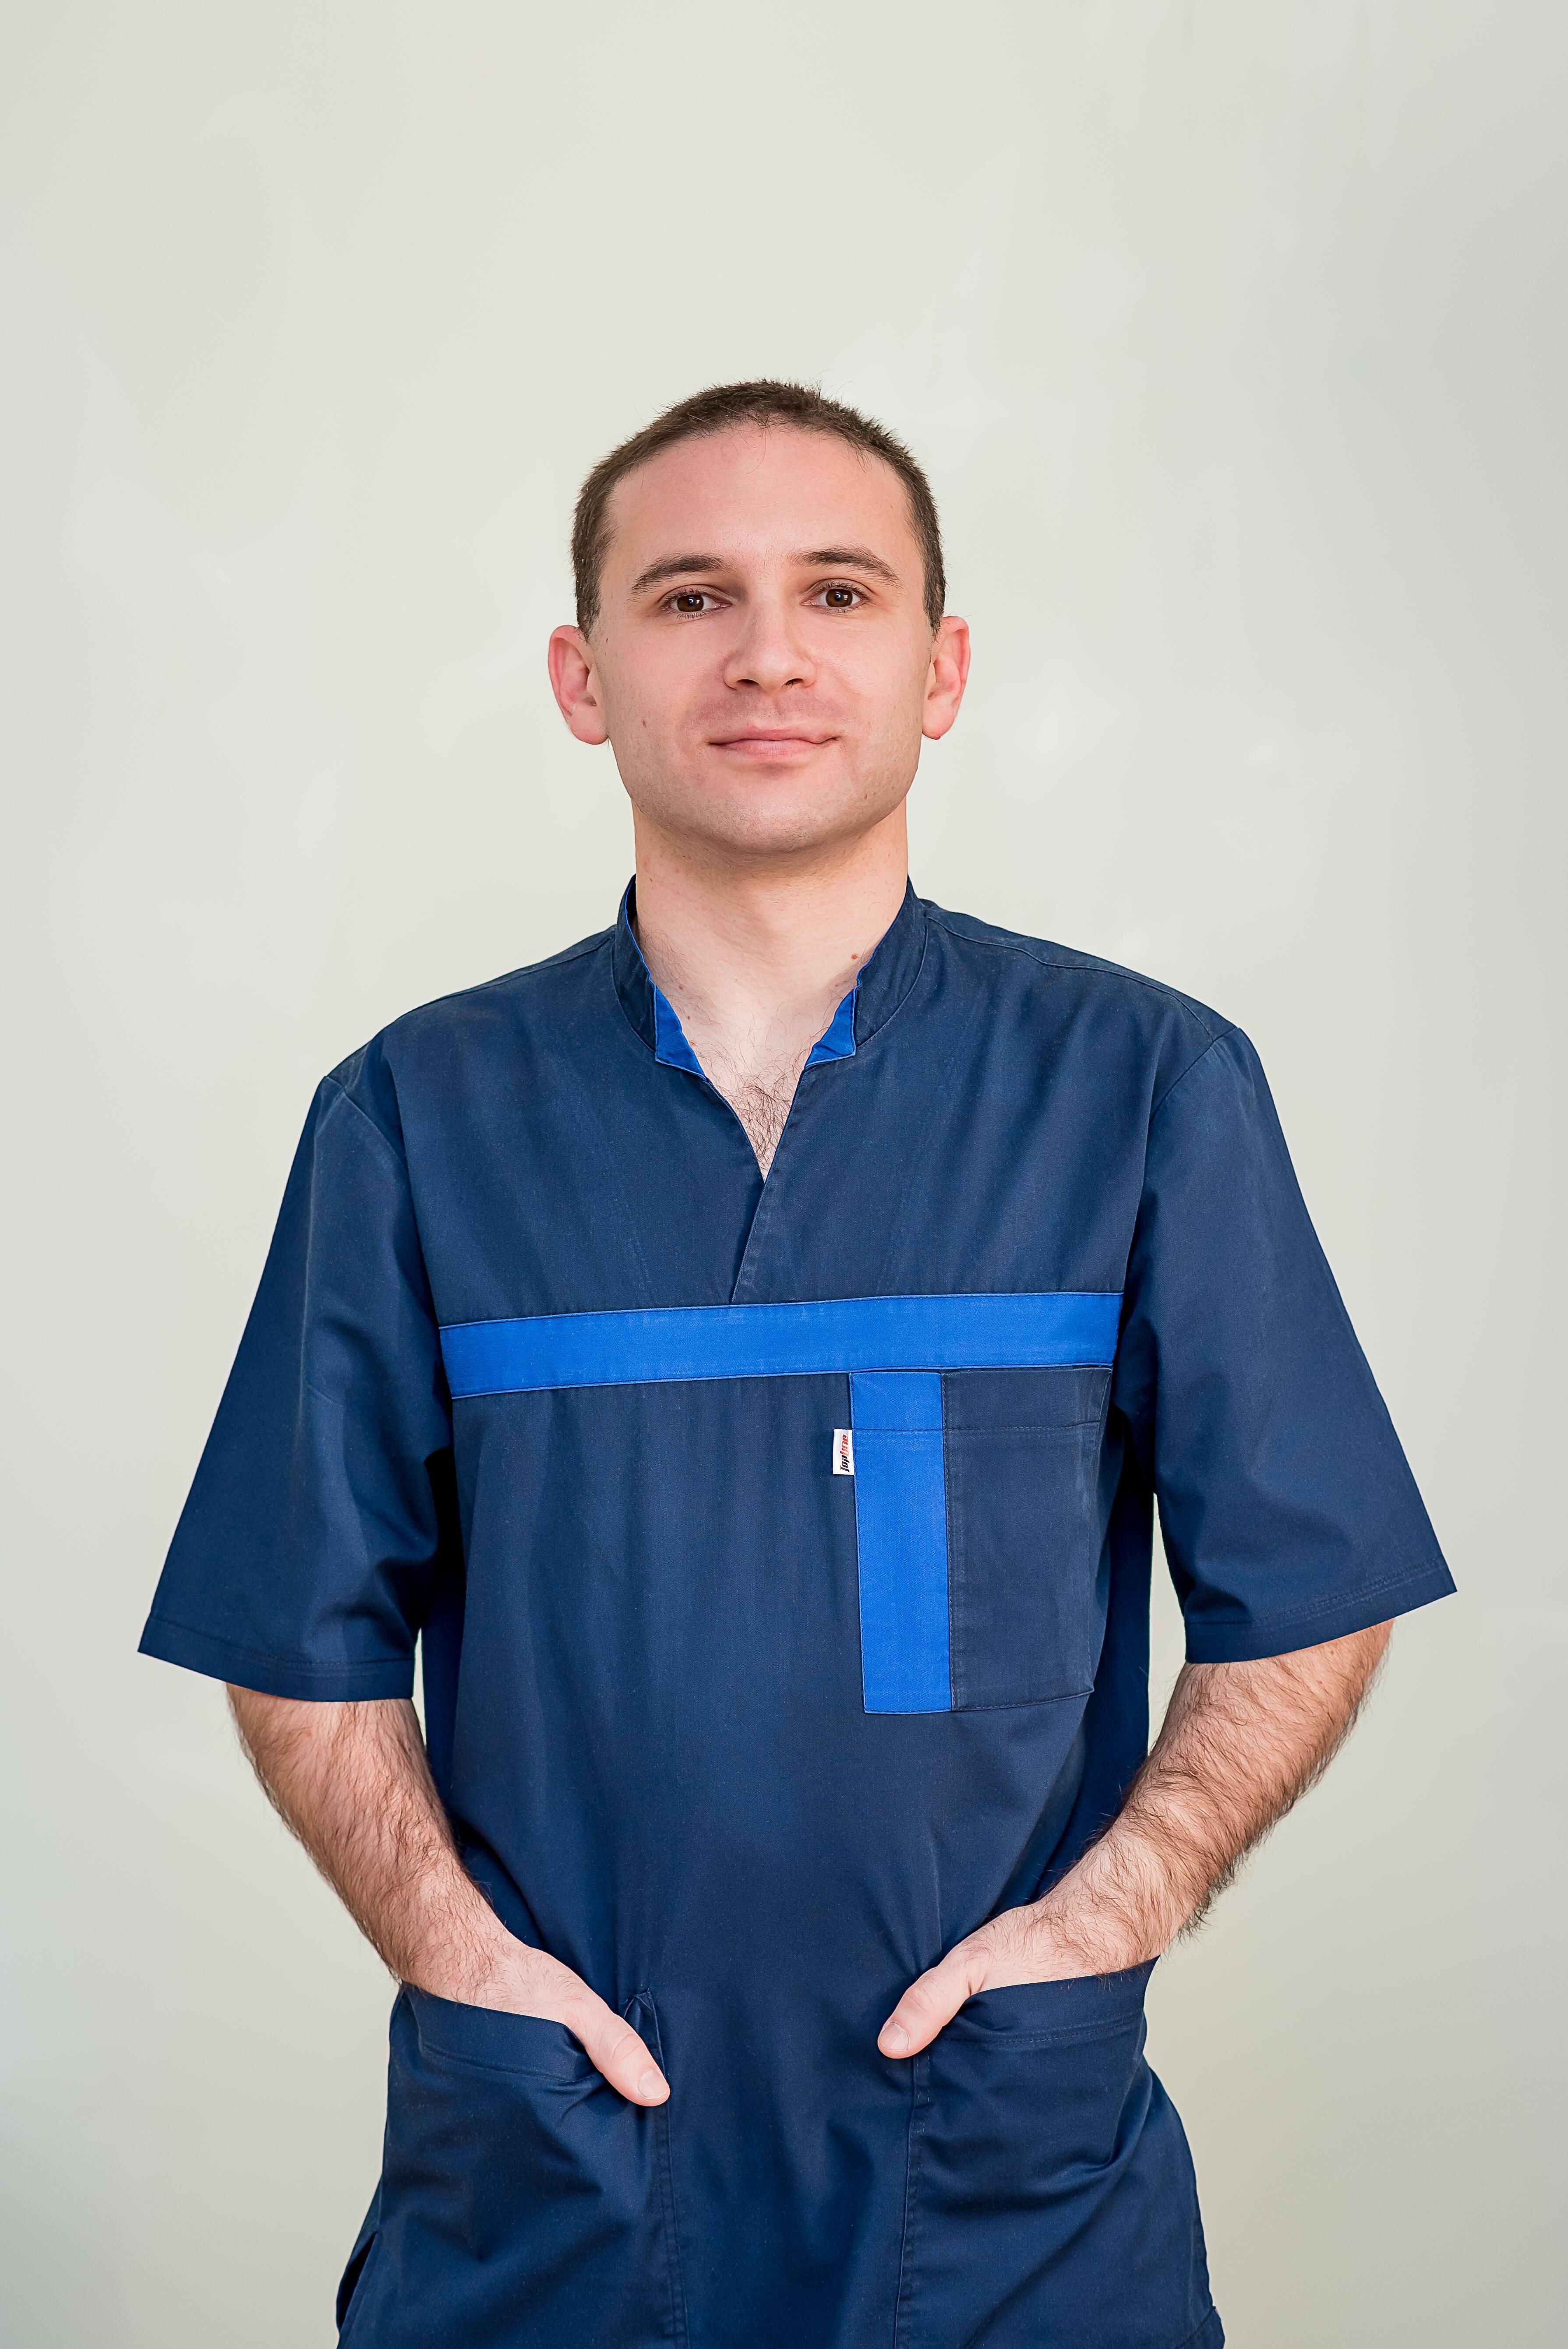 врач Бесфамильный Дмитрий Маркович: описание, отзывы, услуги, рейтинг, записаться онлайн на сайте h24.ua